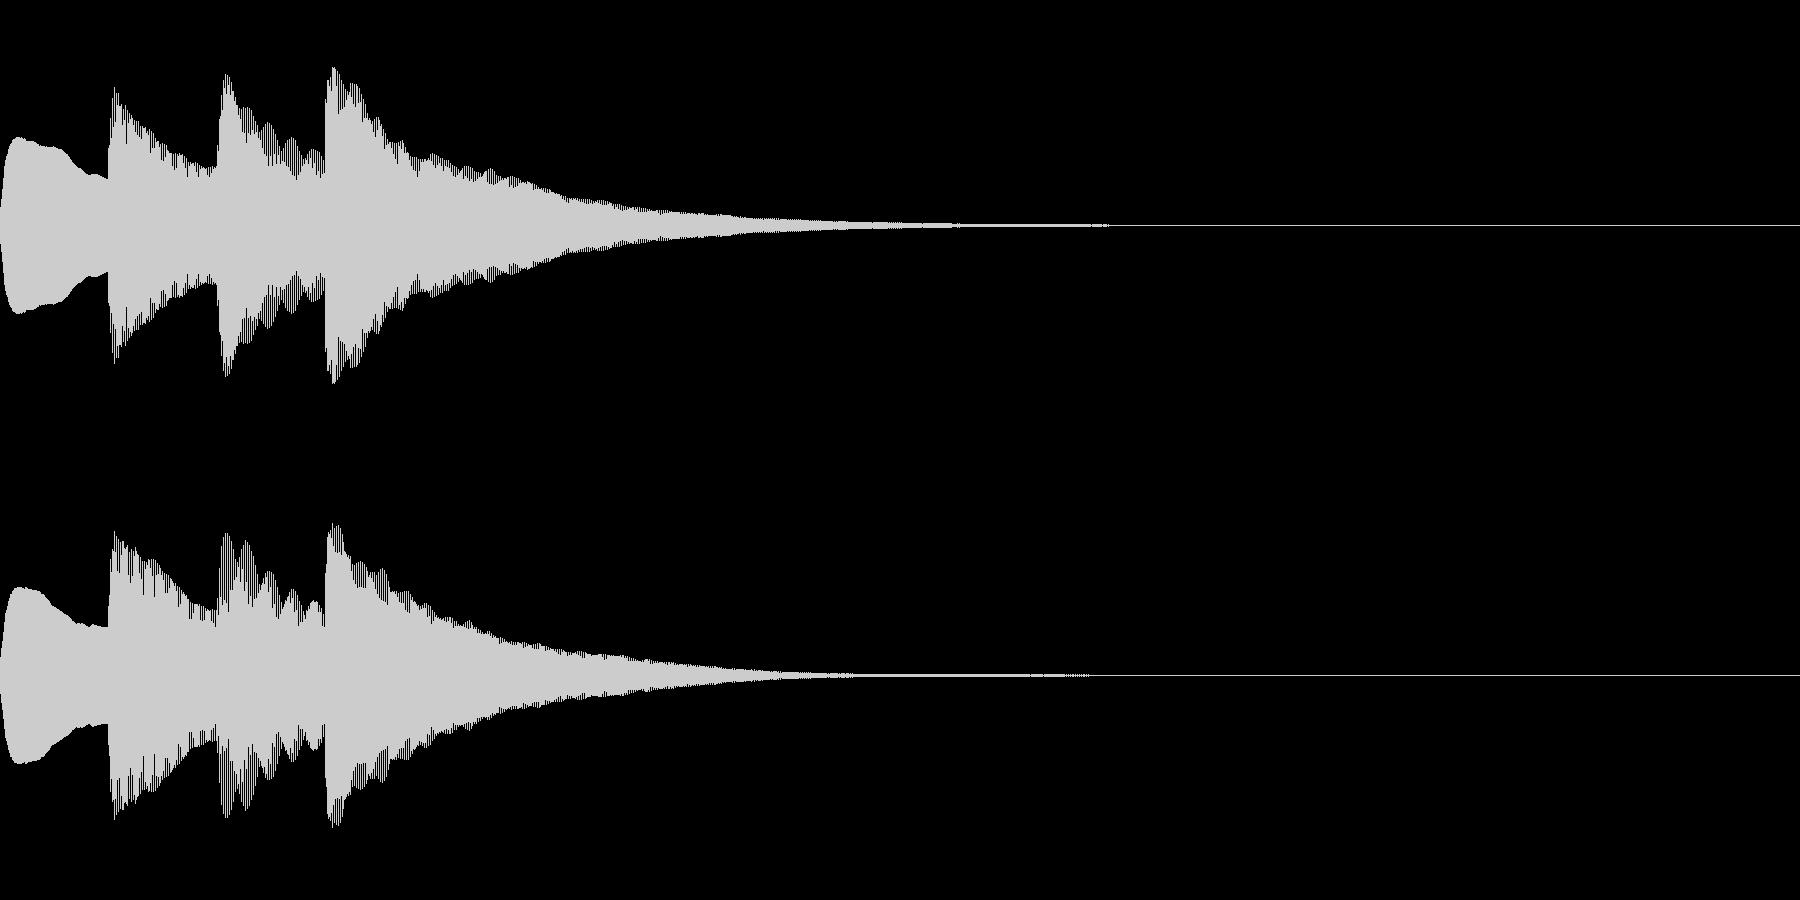 お知らせ・アナウンス音B上昇(速め)04の未再生の波形